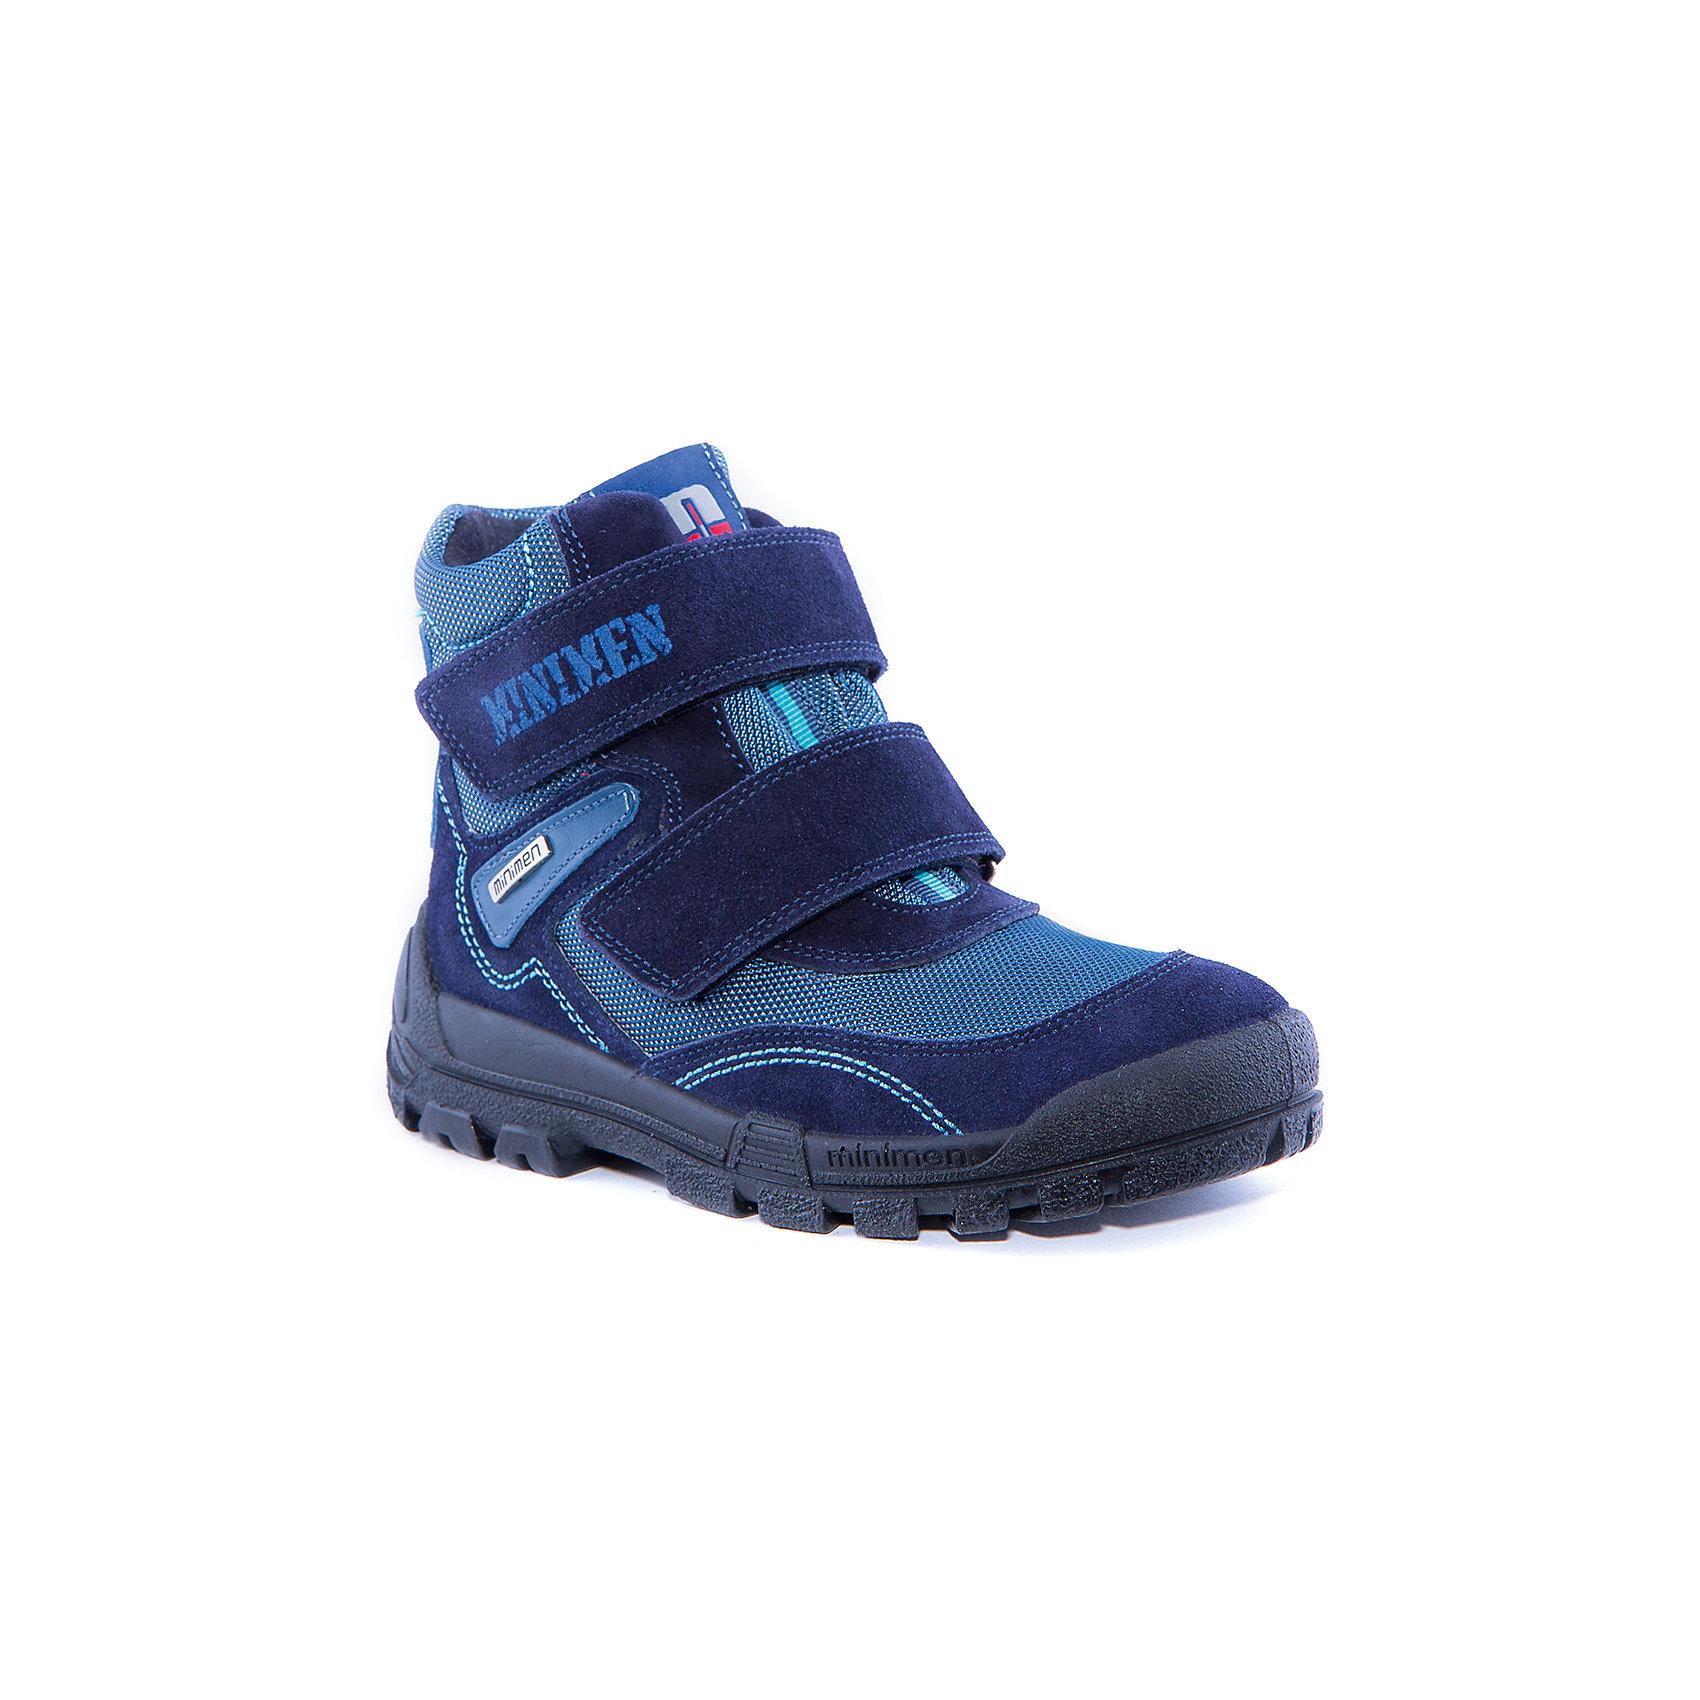 Полусапоги для мальчика MinimenПолусапоги для мальчика от известного бренда Minimen<br><br>Полусапоги Minimen созданы для ношения в межсезонье и начинающиеся холода. Их форма тщательно проработана, поэтому детским ножкам в такой обуви тепло и комфортно. Качественные материалы позволяют сделать изделия износостойкими и удобными.<br><br>При создании этой модели использована мембрана SympaTex. Она добавляется в подкладку обуви и позволяют ногам оставаться сухими и теплыми. Мембрана активно отводит влагу наружу, и не дает жидкости проникать внутрь, а также  не создает препятствий для воздуха, обеспечивая комфортные условия для детских ножек.<br><br>Отличительные особенности модели:<br><br>- цвет: синий;<br>- мембрана SympaTex;<br>- гибкая нескользящая подошва;<br>- усиленный носок и задник;<br>- эргономичная форма;<br>- удобная колодка;<br>- шерстяная подкладка;<br>- натуральная кожа;<br>- застежки-липучки.<br><br>Дополнительная информация:<br><br>- Температурный режим: от - 20° С  до +5° С.<br><br>- Состав:<br><br>материал верха: 100% натуральная кожа<br>материал подкладки: 100% шерсть<br>подошва: ТЭП<br><br>Полусапоги для мальчика Minimen (Минимен) можно купить в нашем магазине.<br><br>Ширина мм: 257<br>Глубина мм: 180<br>Высота мм: 130<br>Вес г: 420<br>Цвет: синий<br>Возраст от месяцев: 72<br>Возраст до месяцев: 84<br>Пол: Мужской<br>Возраст: Детский<br>Размер: 30,36,37,35,34,33,32,31<br>SKU: 4295737